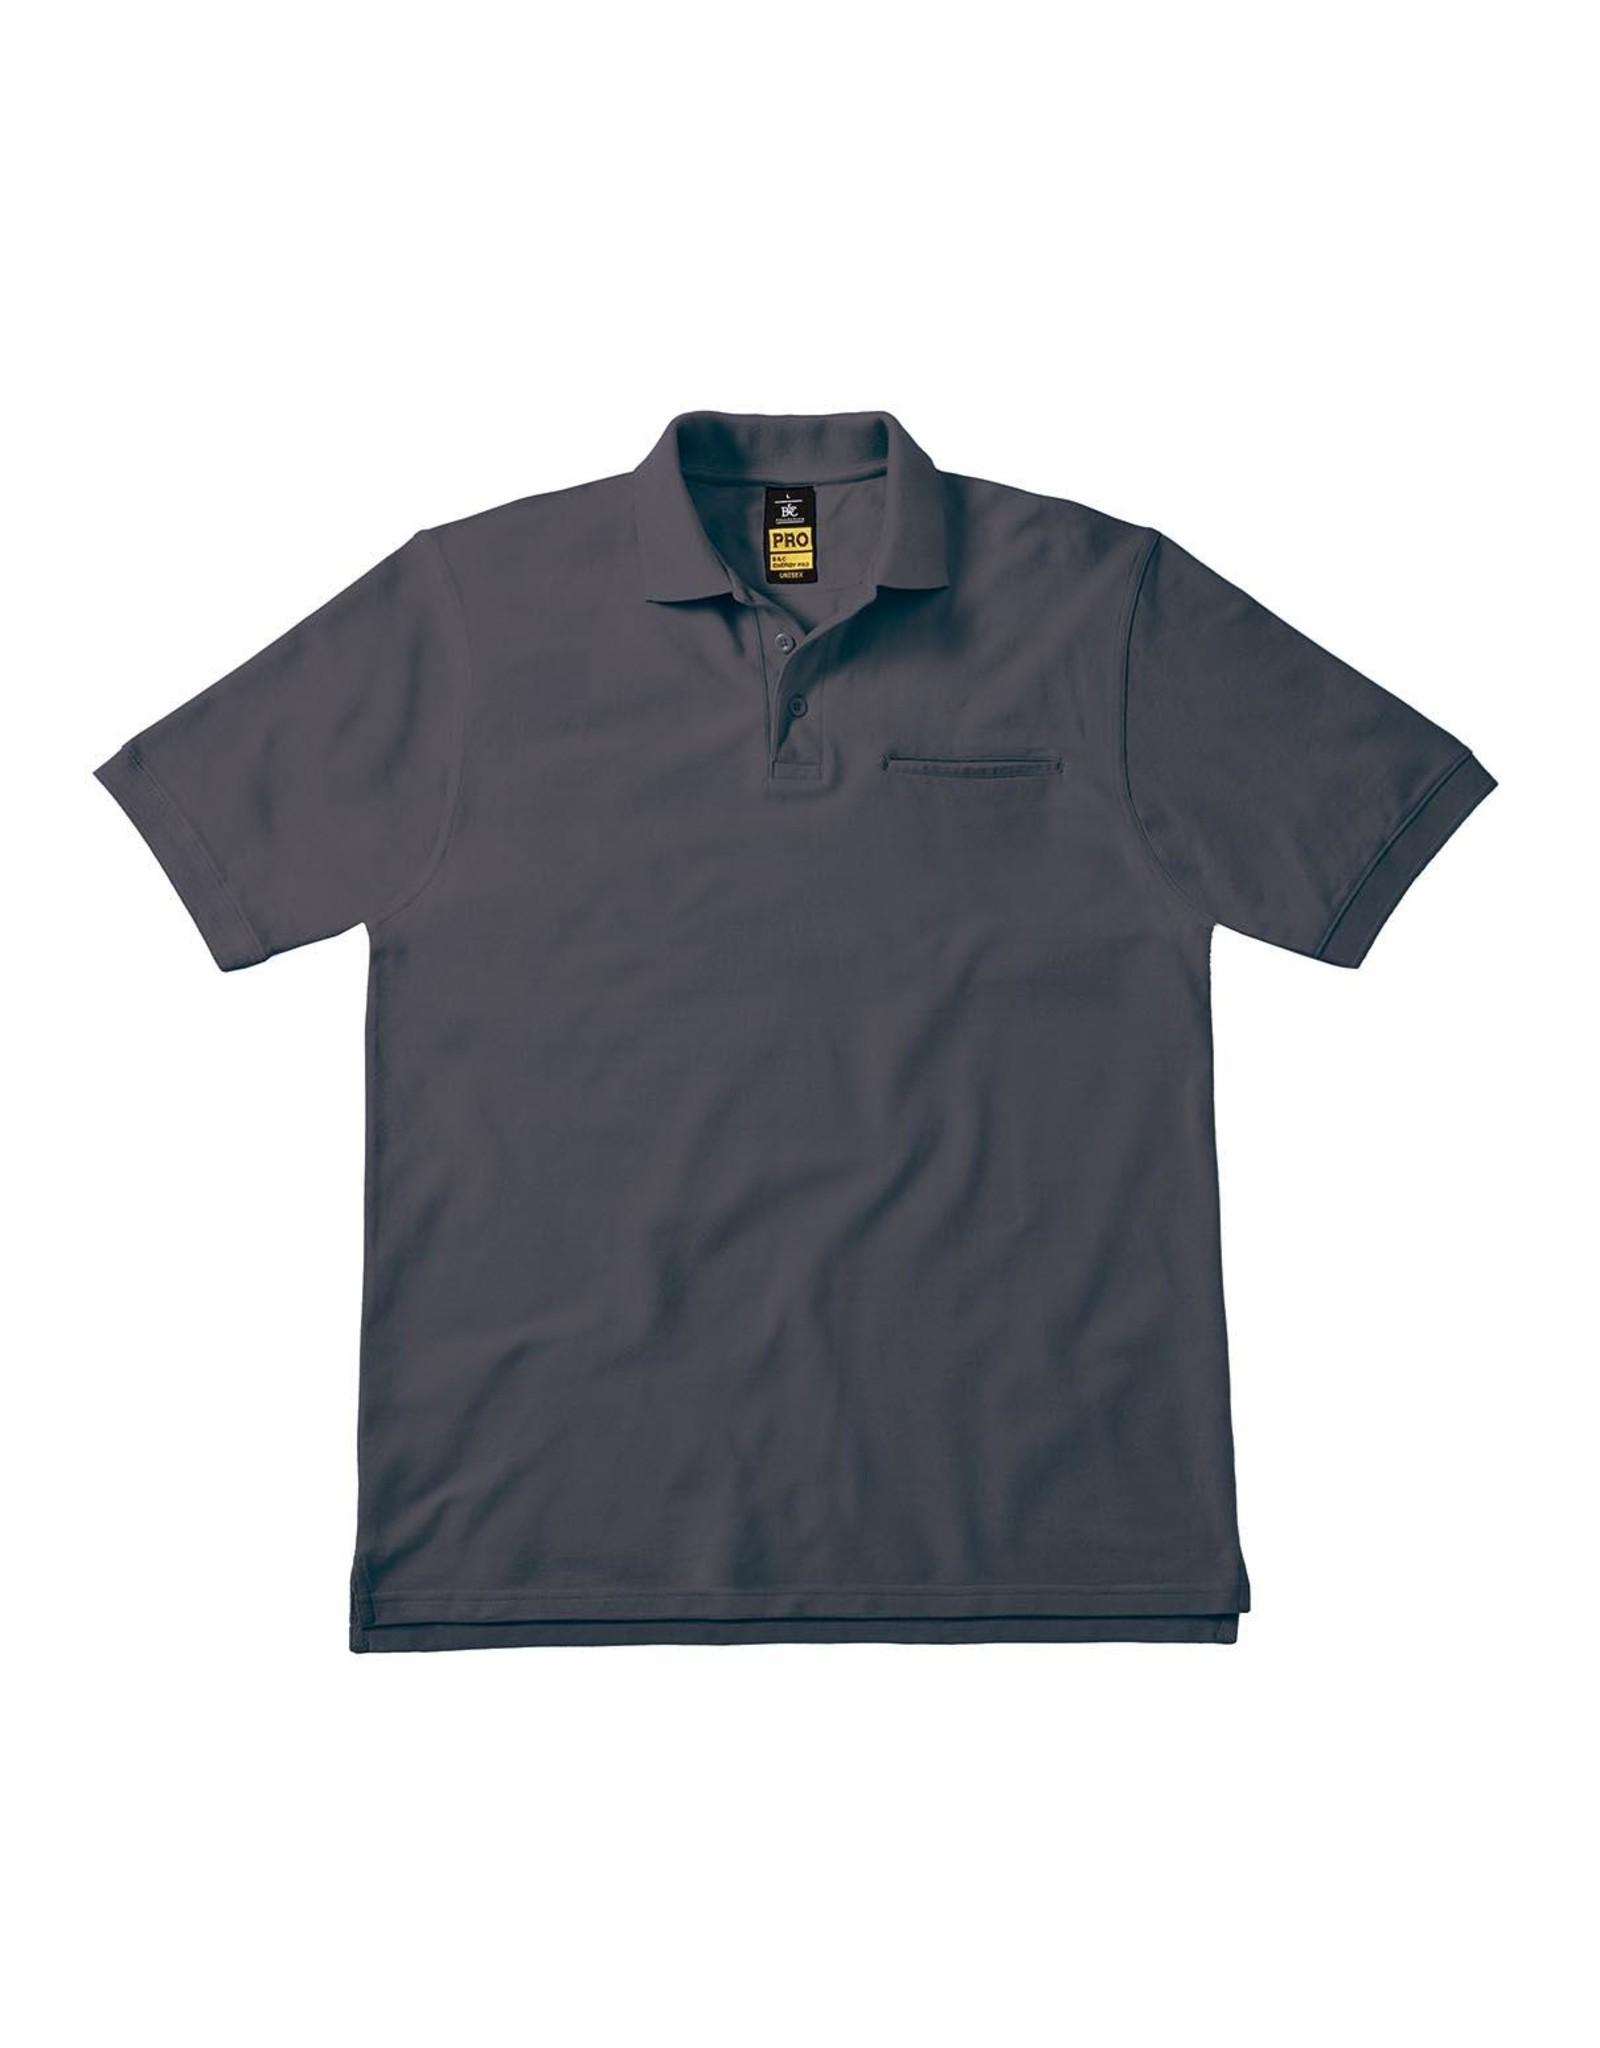 B&C Workwear POLOSHIRT polycotton antraciet